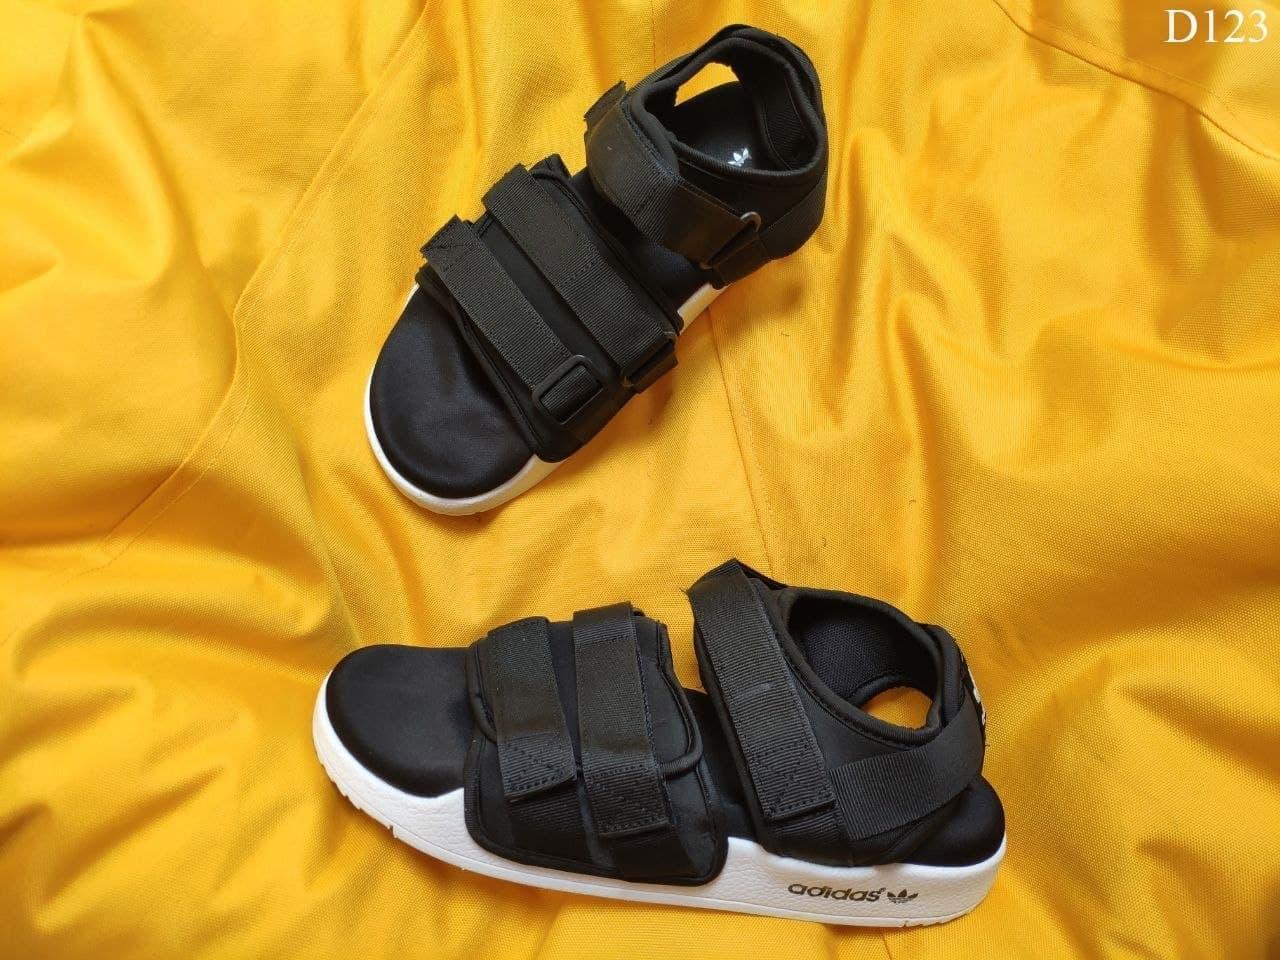 Мужские летние сандалии Adidas (черно-белые) D123 крутая легкая мягкая обувь